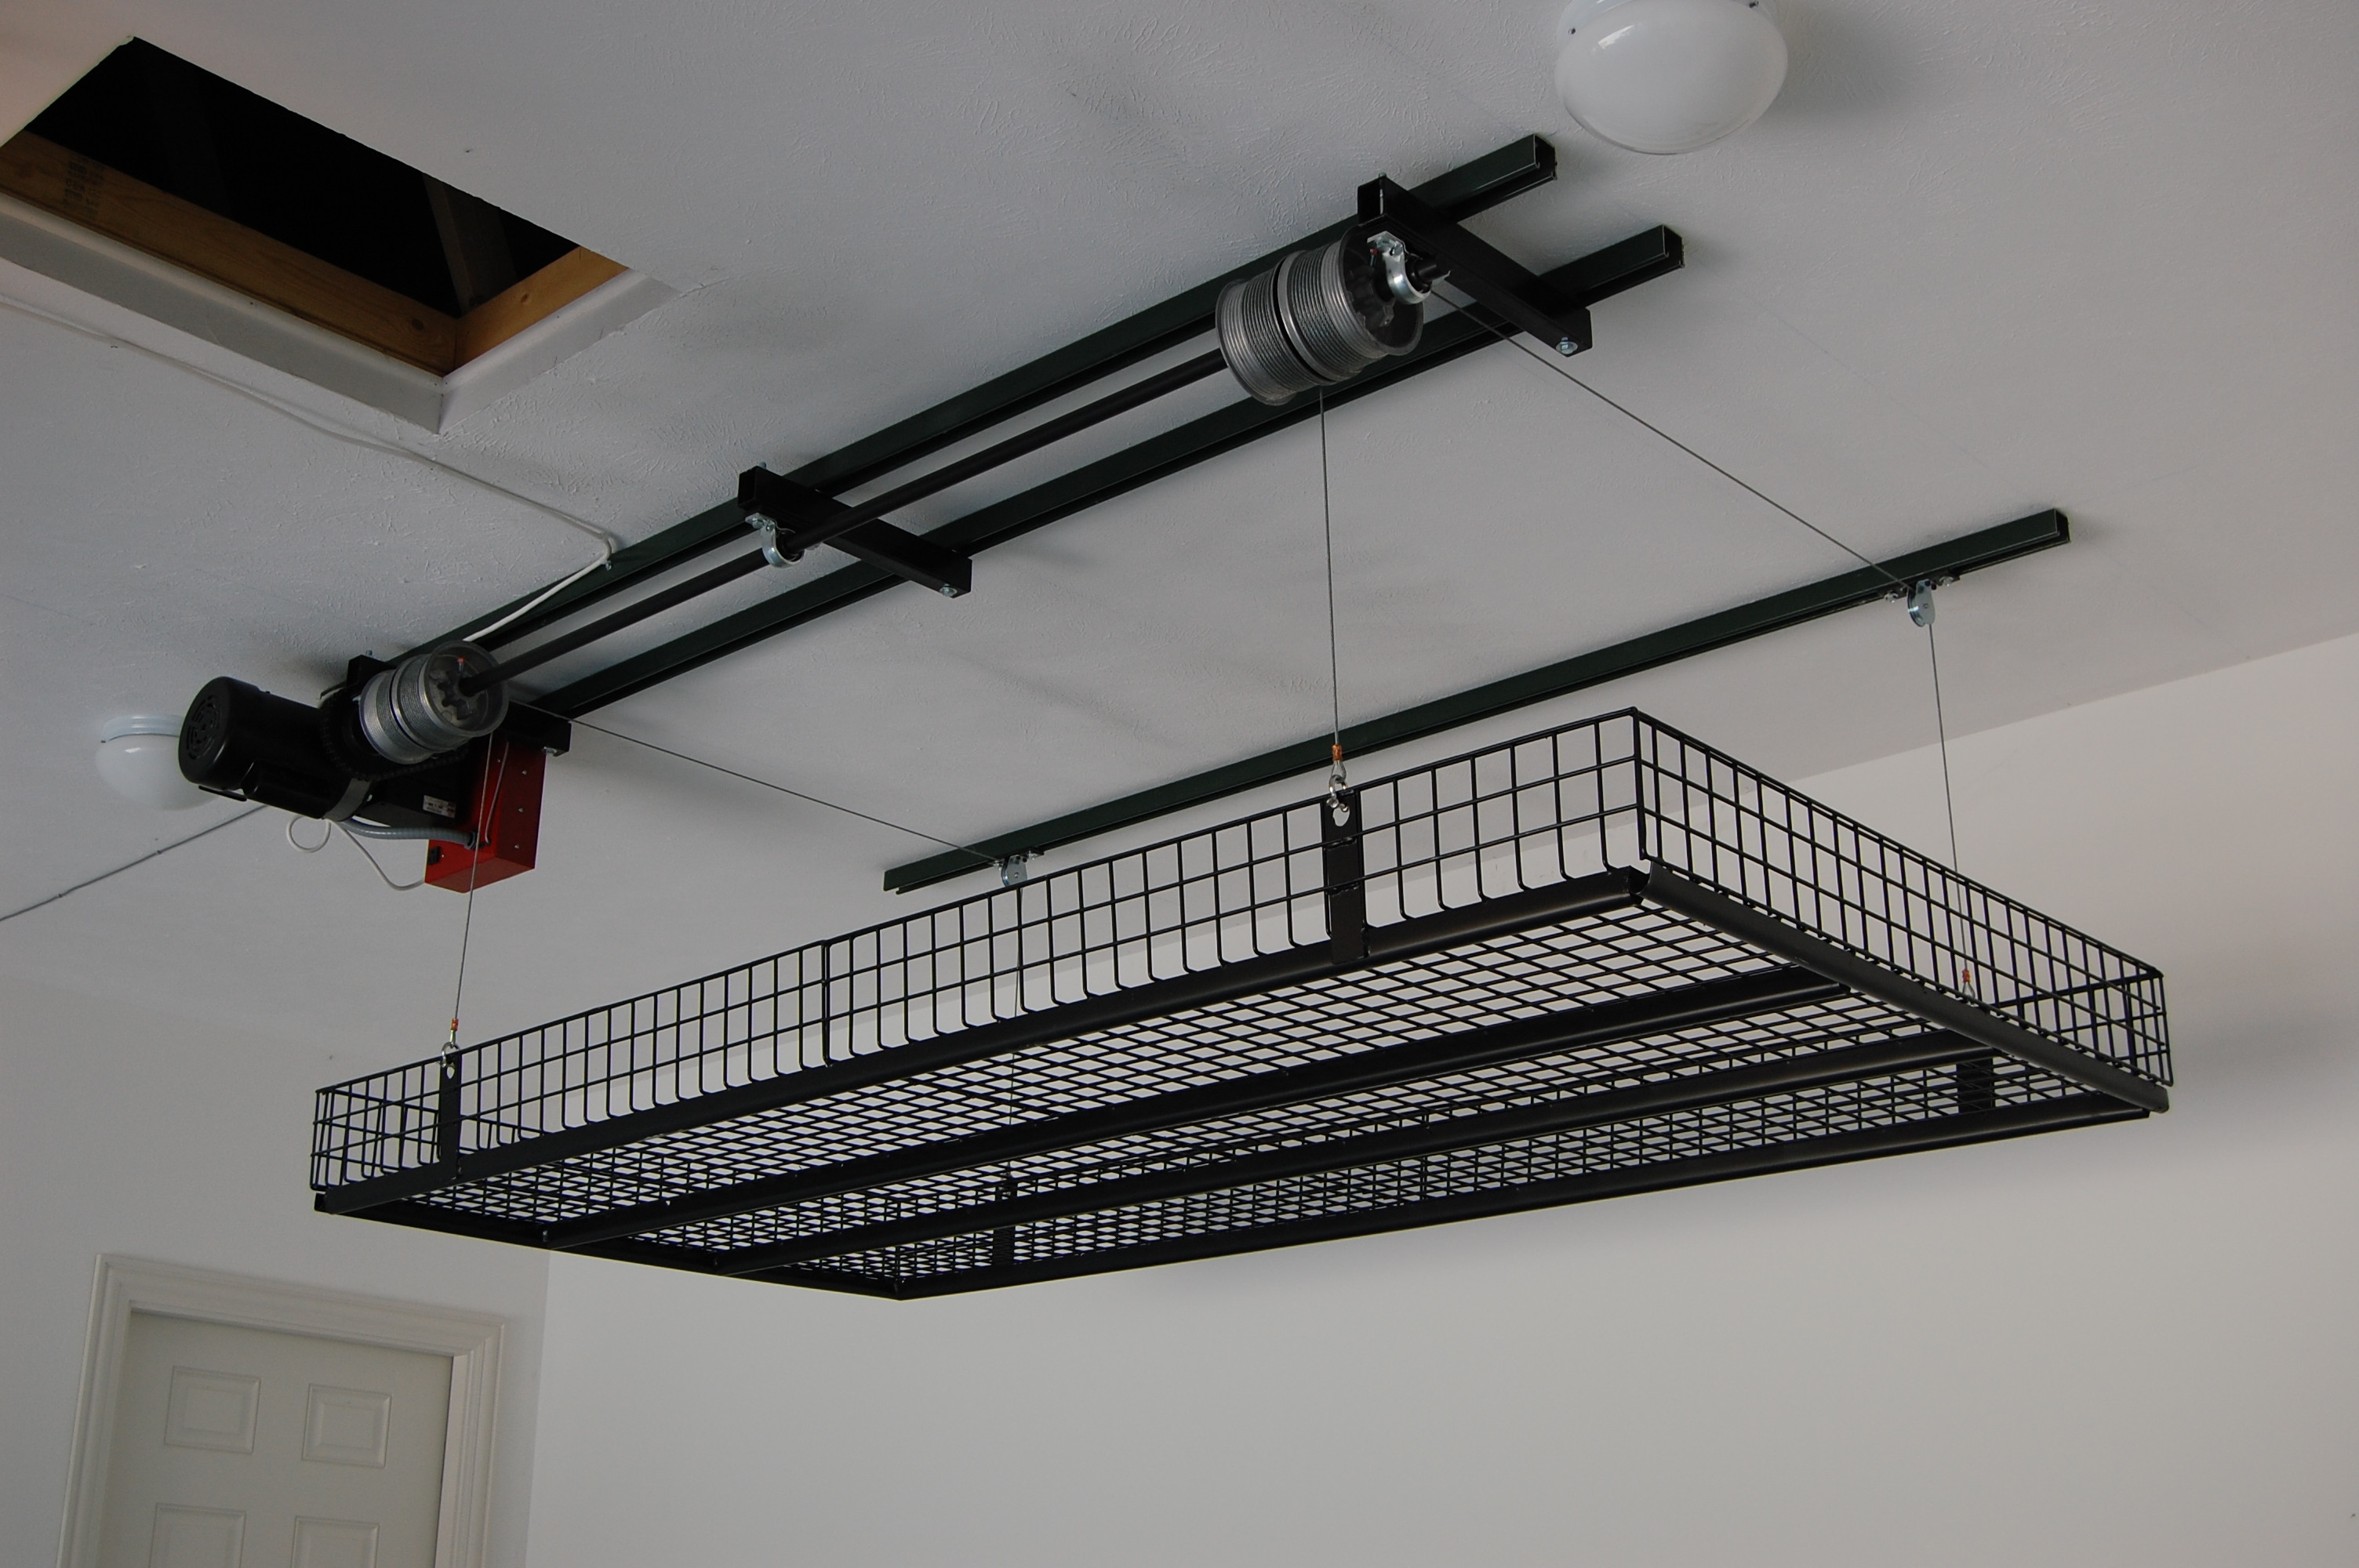 Best ideas about Garage Ceiling Storage Lift . Save or Pin Unique Lift Garage Ceiling Storage Now.